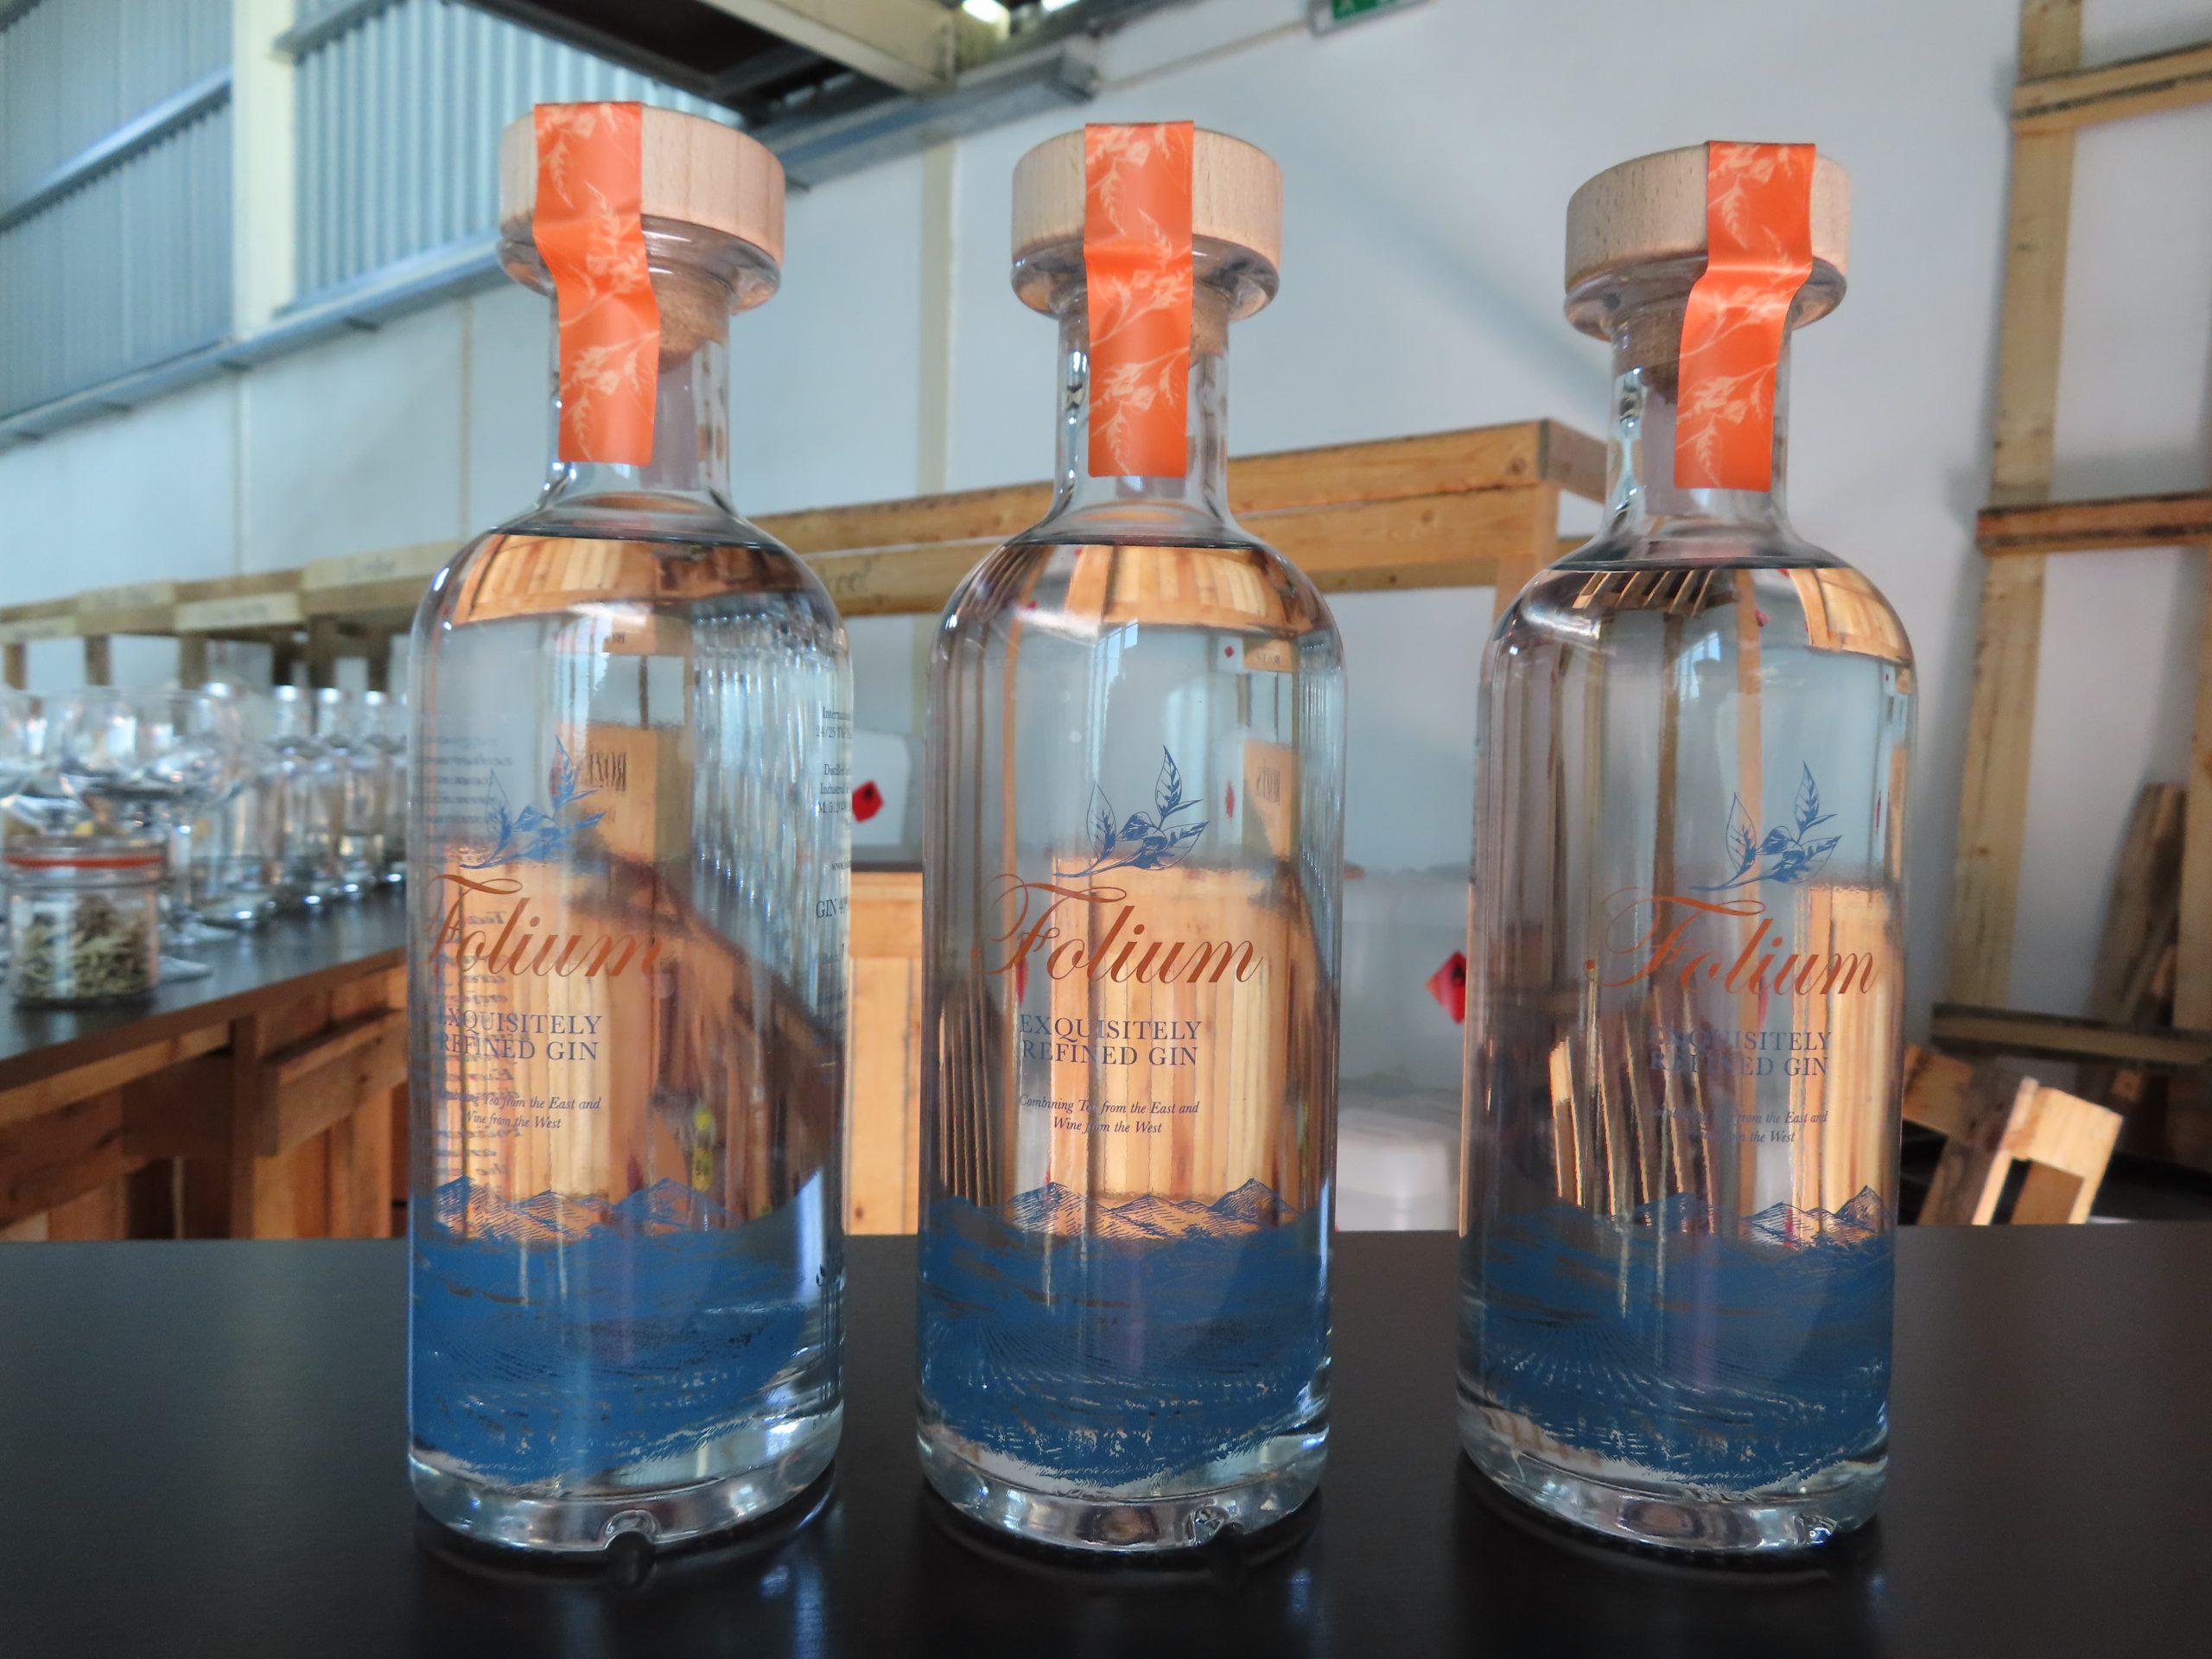 First bottles of Folium